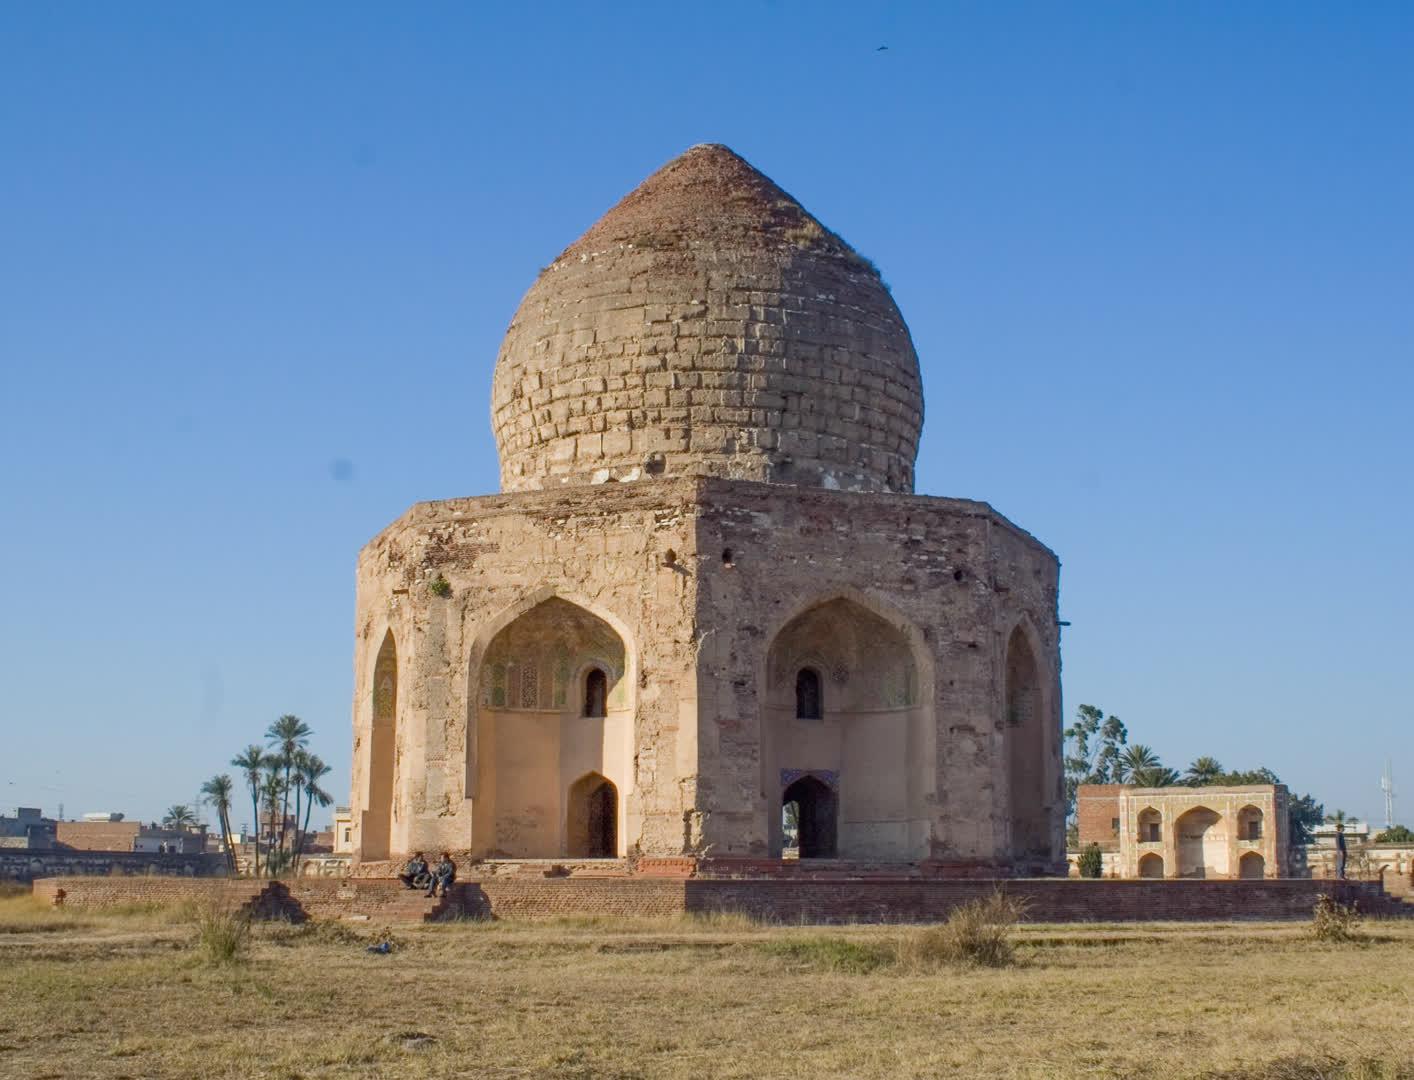 कहानी लाहौर के मुग़ल स्मारकों के संगमरमर की